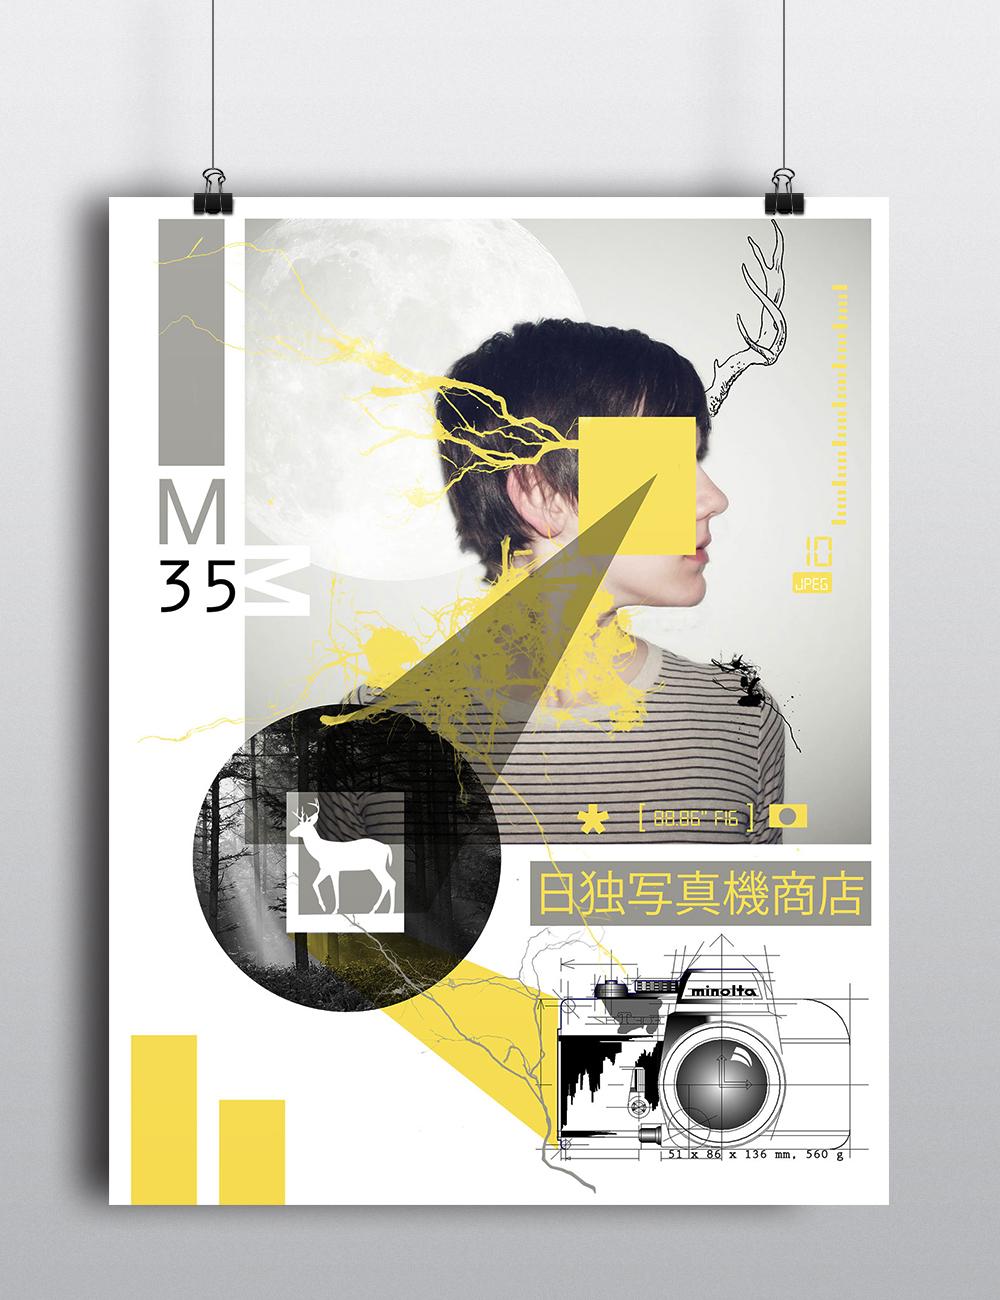 Minolta_poster.jpg